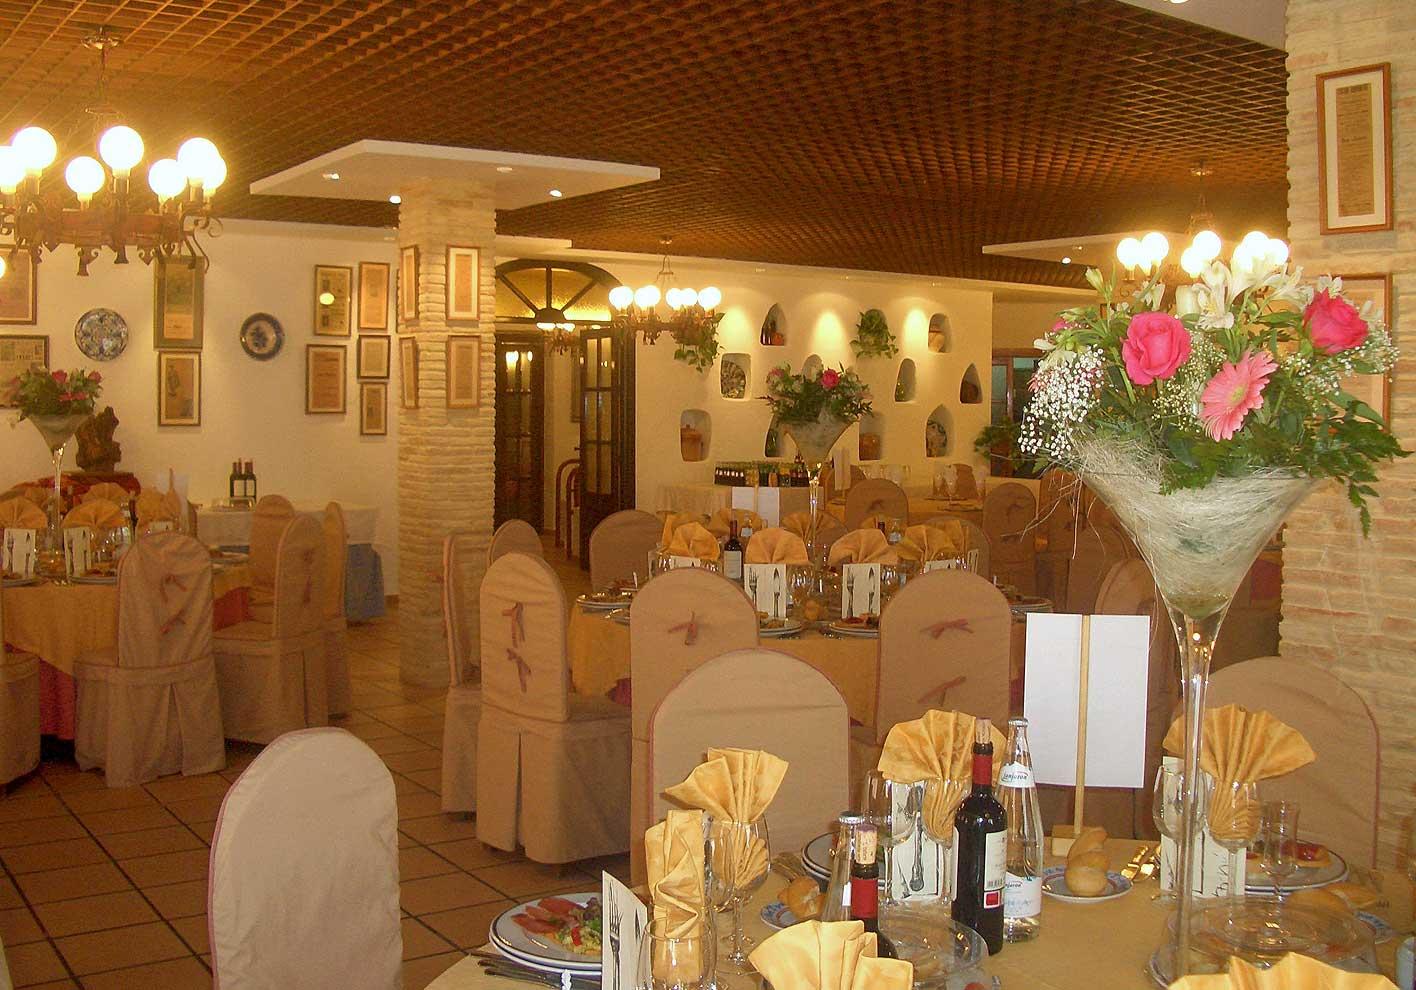 Facilities Hotel Restaurante Terraza Carmona In Vera Almeria